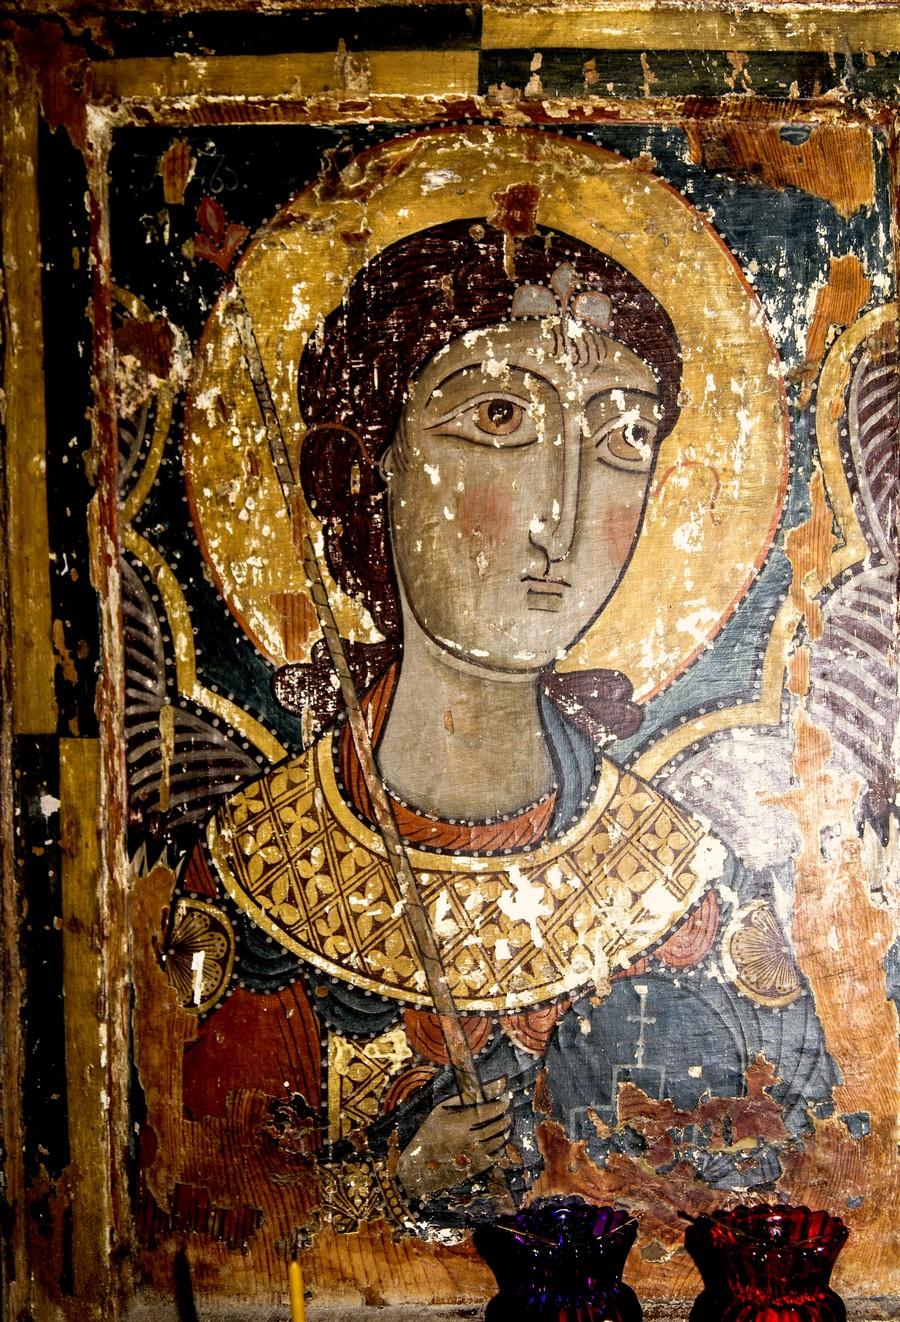 Архангел Михаил. Икона. Сванетия, XII - XIII век.